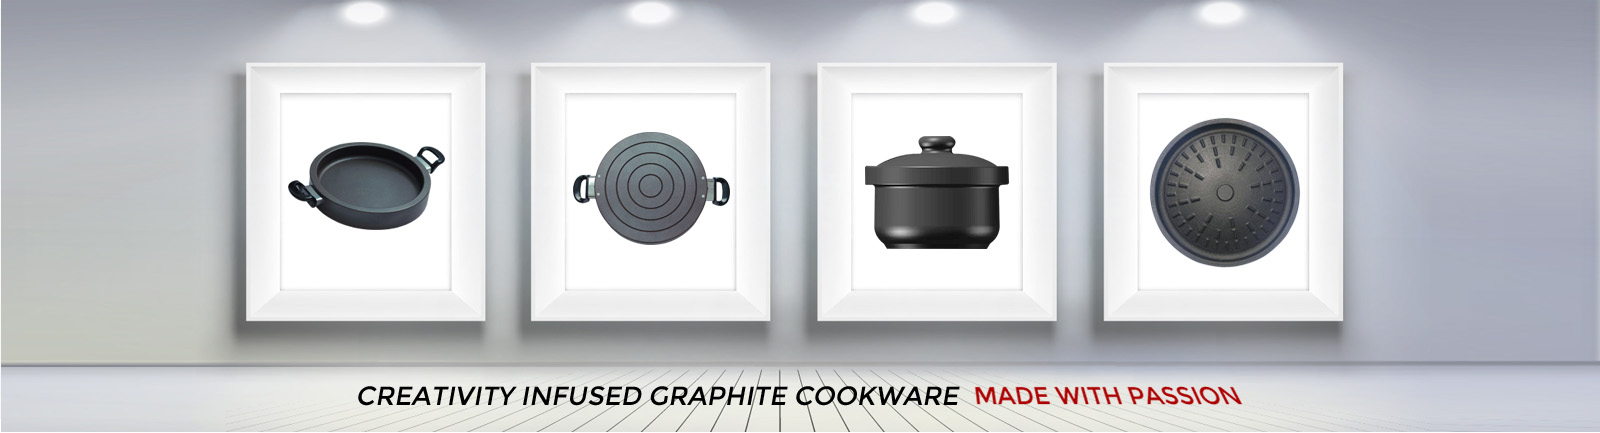 graphite cookware